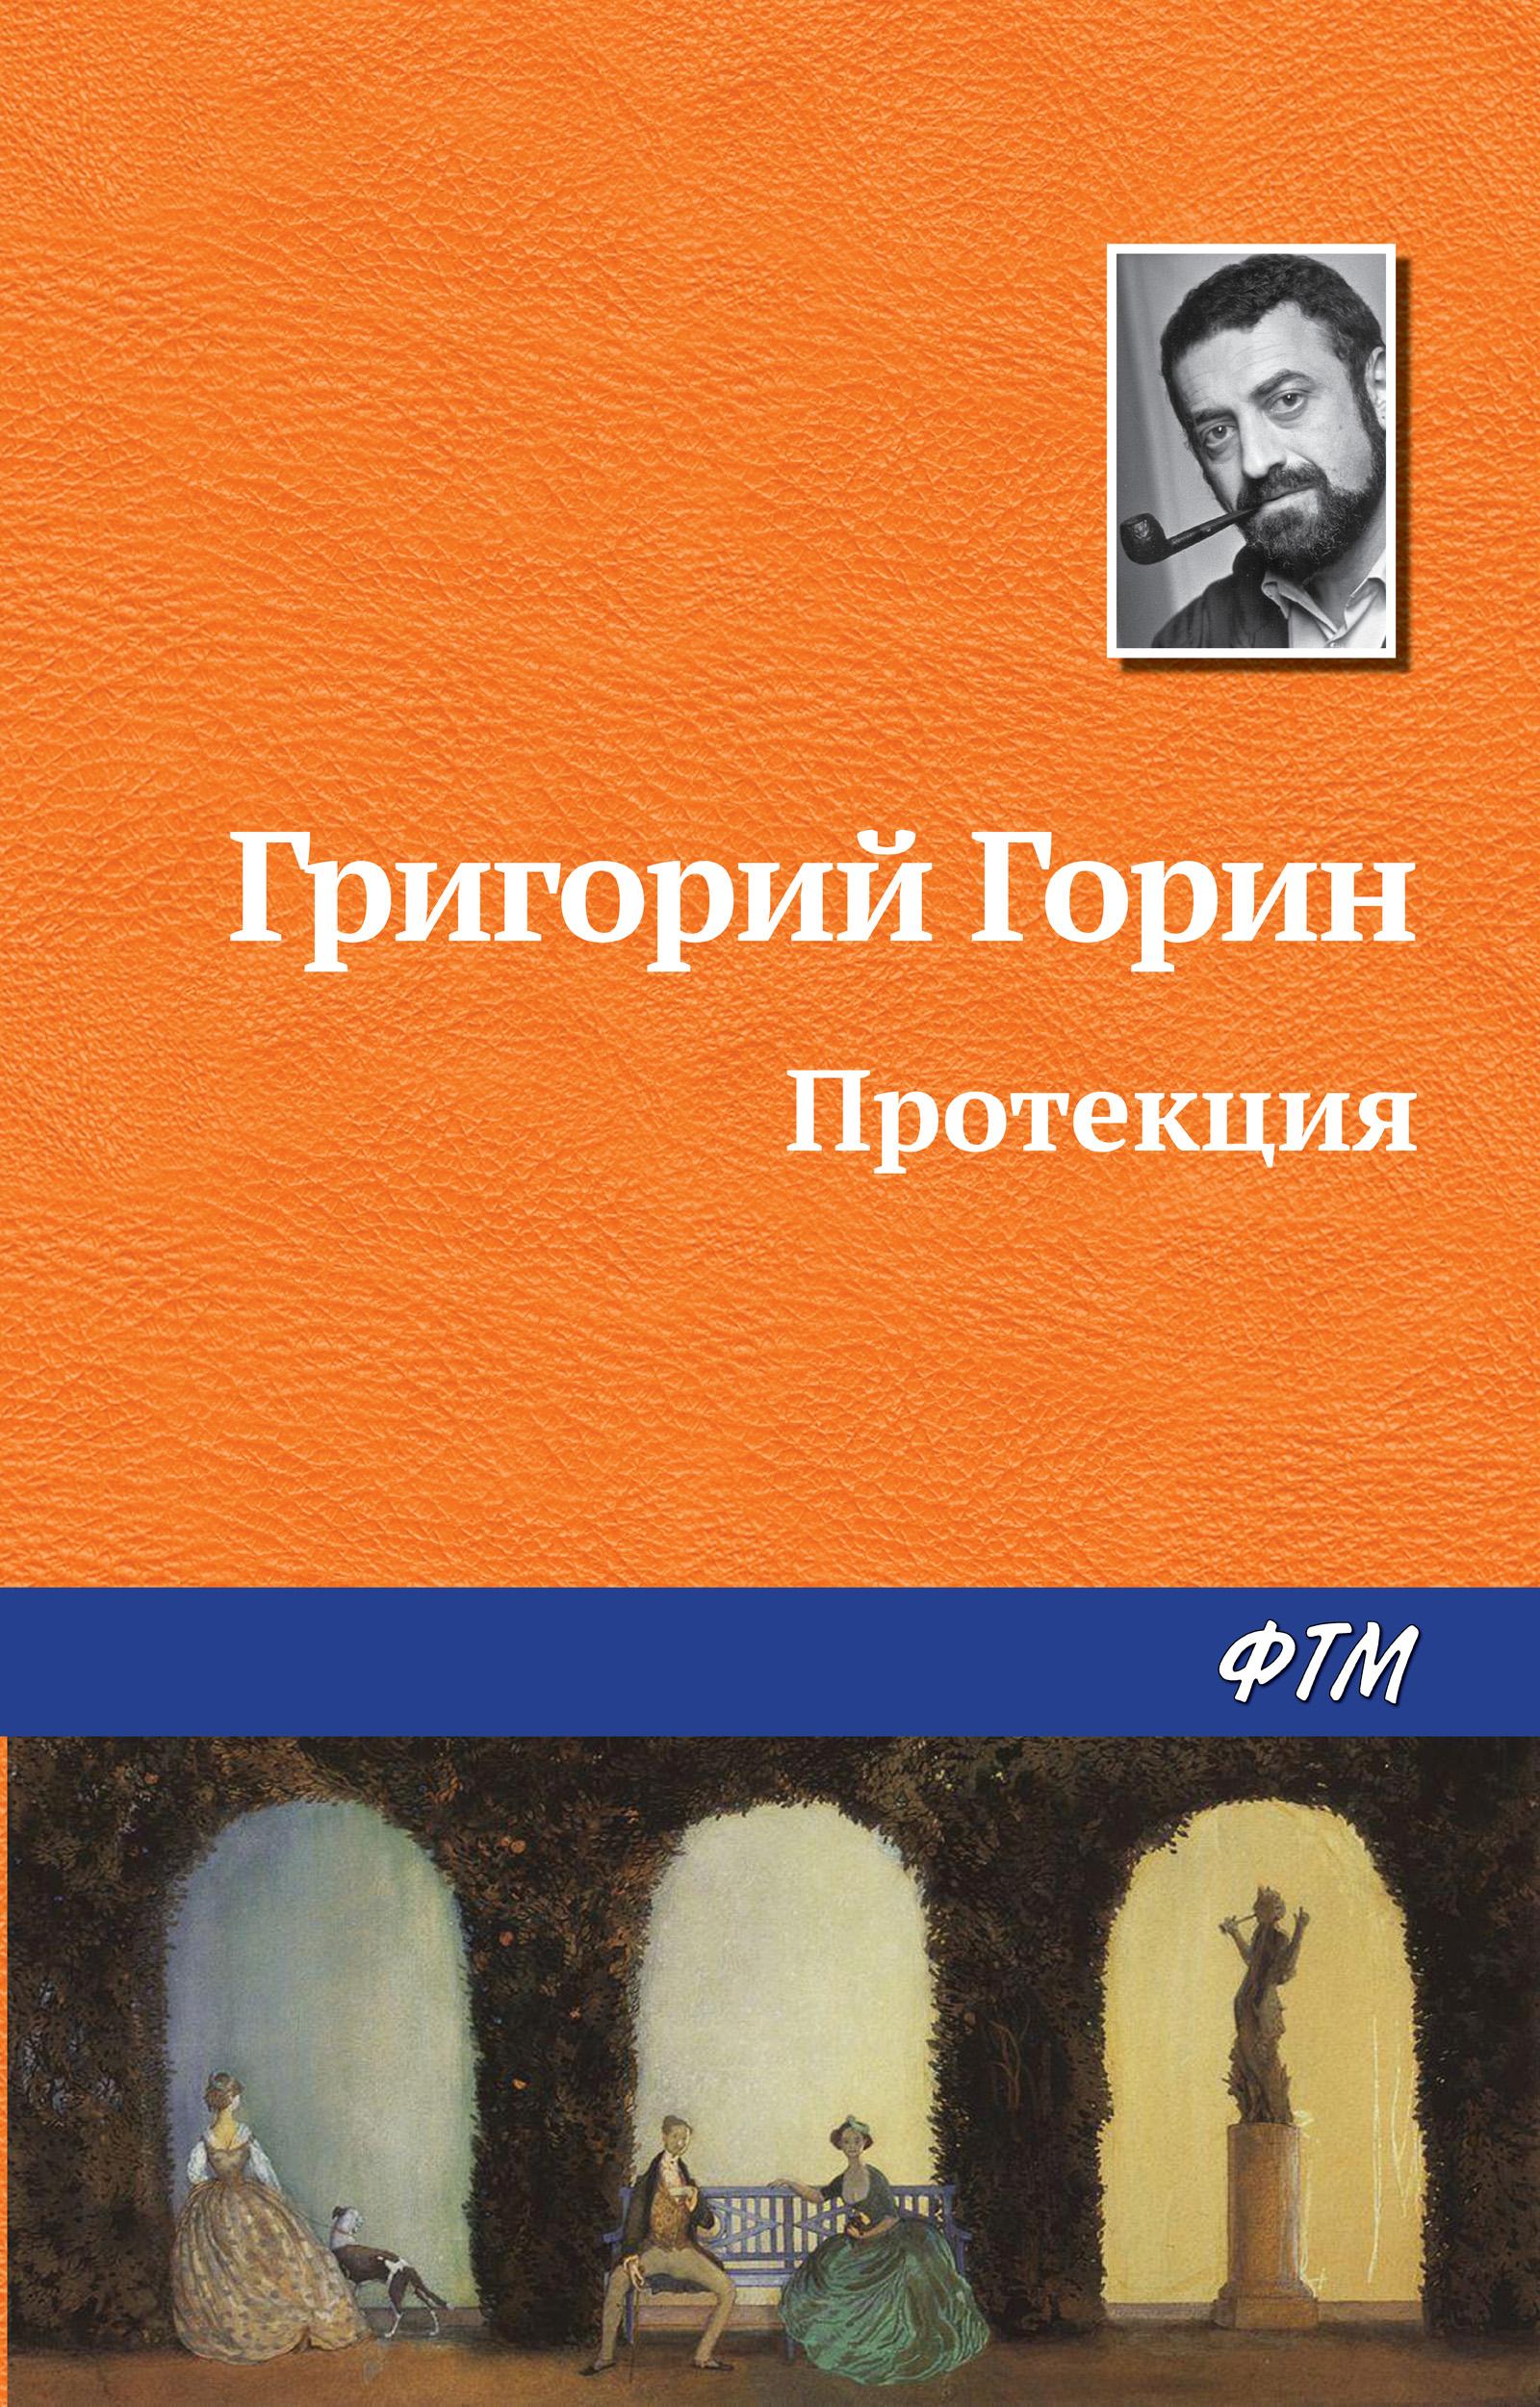 цены на Григорий Горин Протекция  в интернет-магазинах